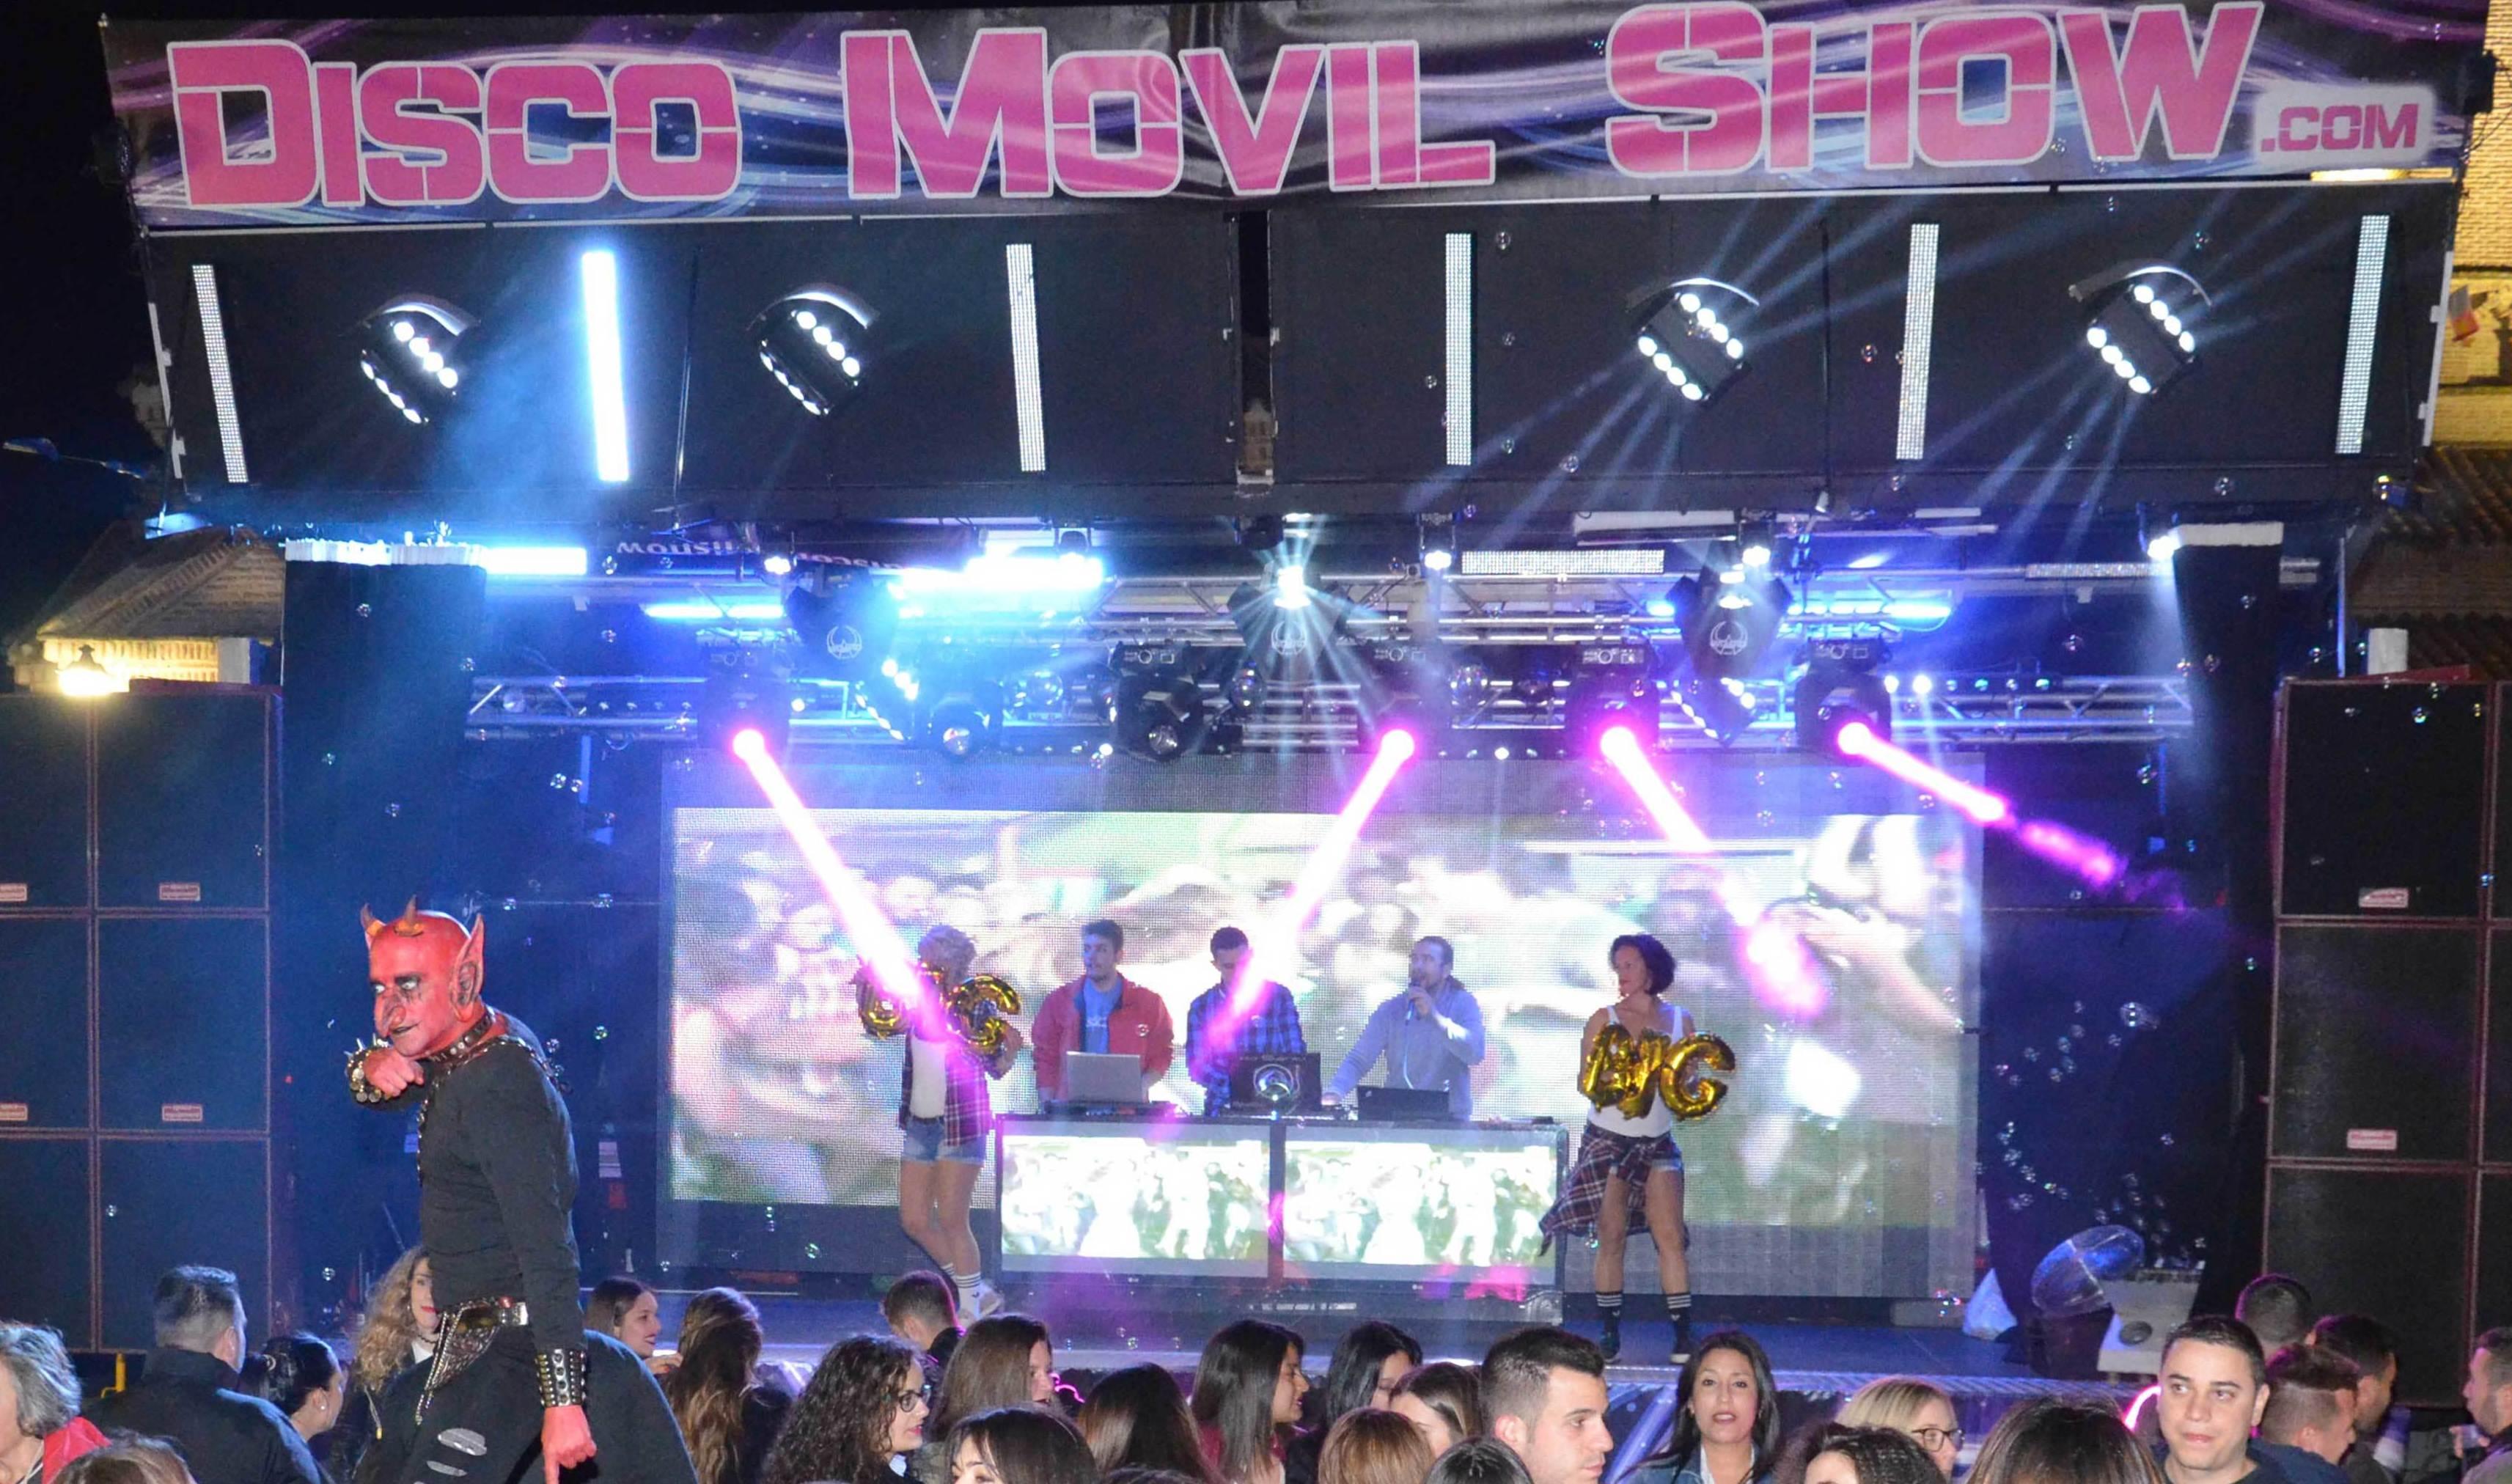 Camion Macro Discoteca Show durante una fiesta BIG PARTY